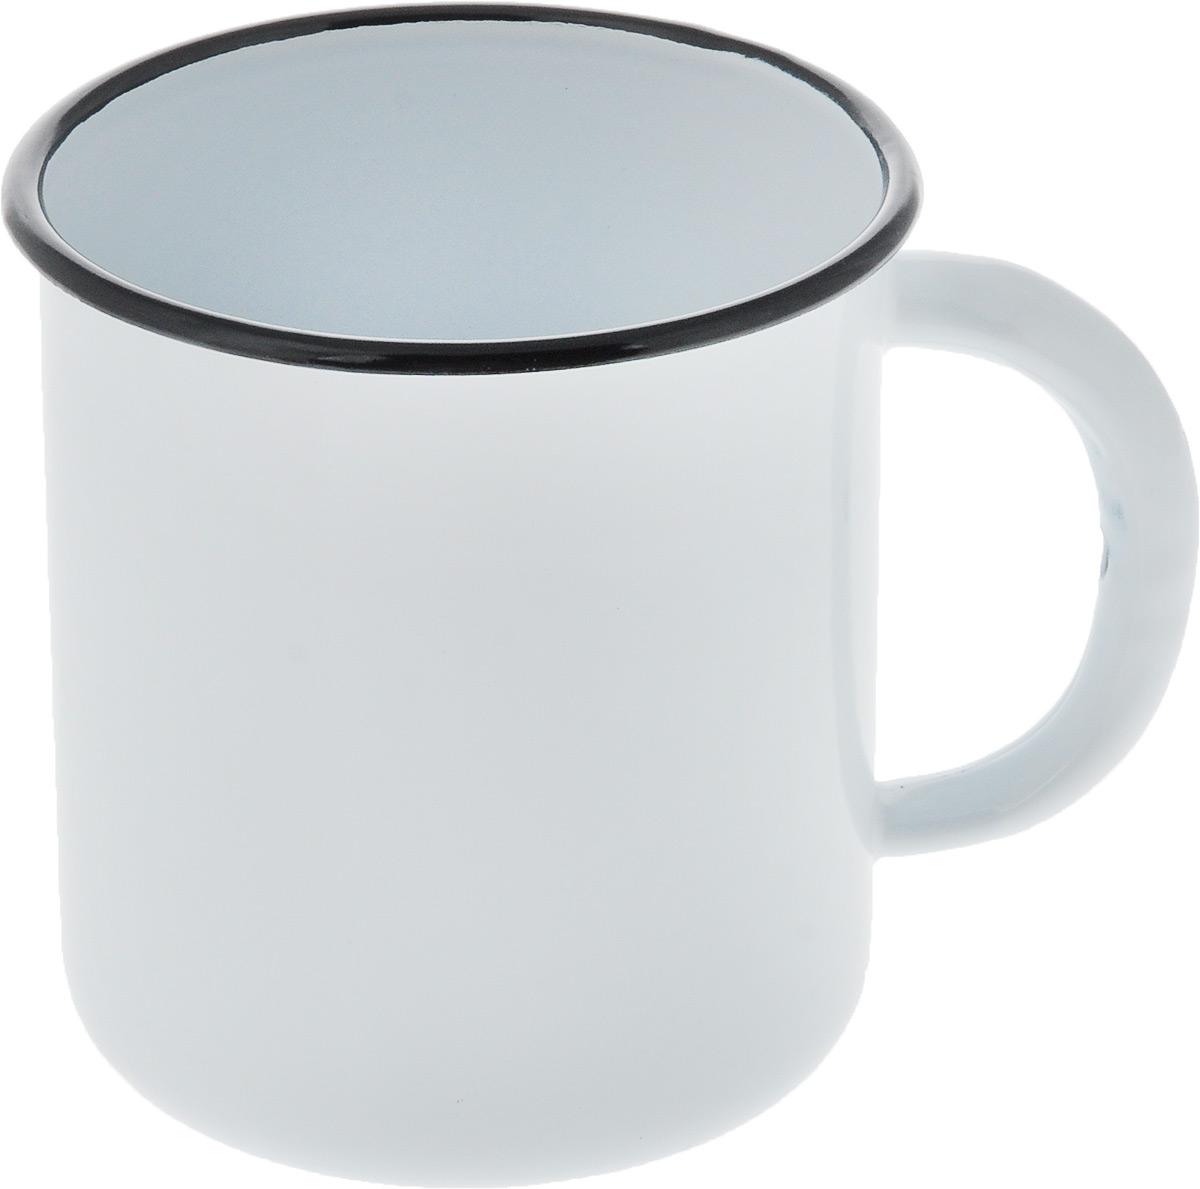 Кружка эмалированная СтальЭмаль, цвет: белый, черный, 1 л кружка стальэмаль 1 л с рисунком